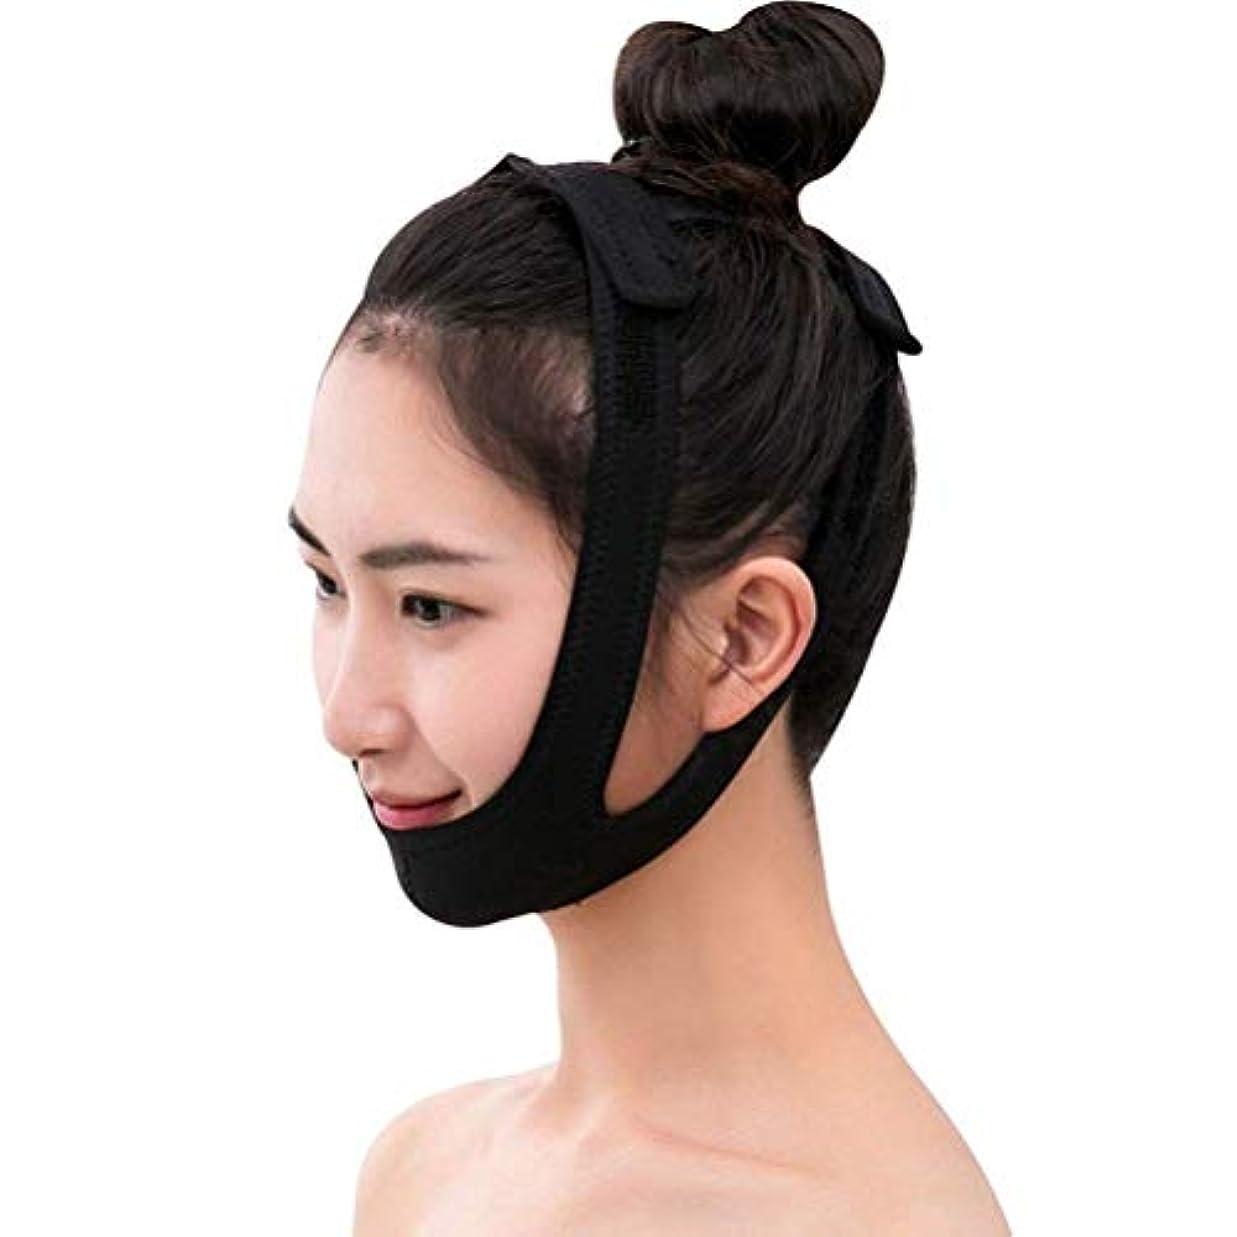 悪用ご近所細いフェイスリフティングマスク、フェイスリフティング包帯V字型マスク/整形およびリフト/二重あごベルト/美容マスクフェイスリフト/縮小二重あご包帯/顔面矯正ベルト